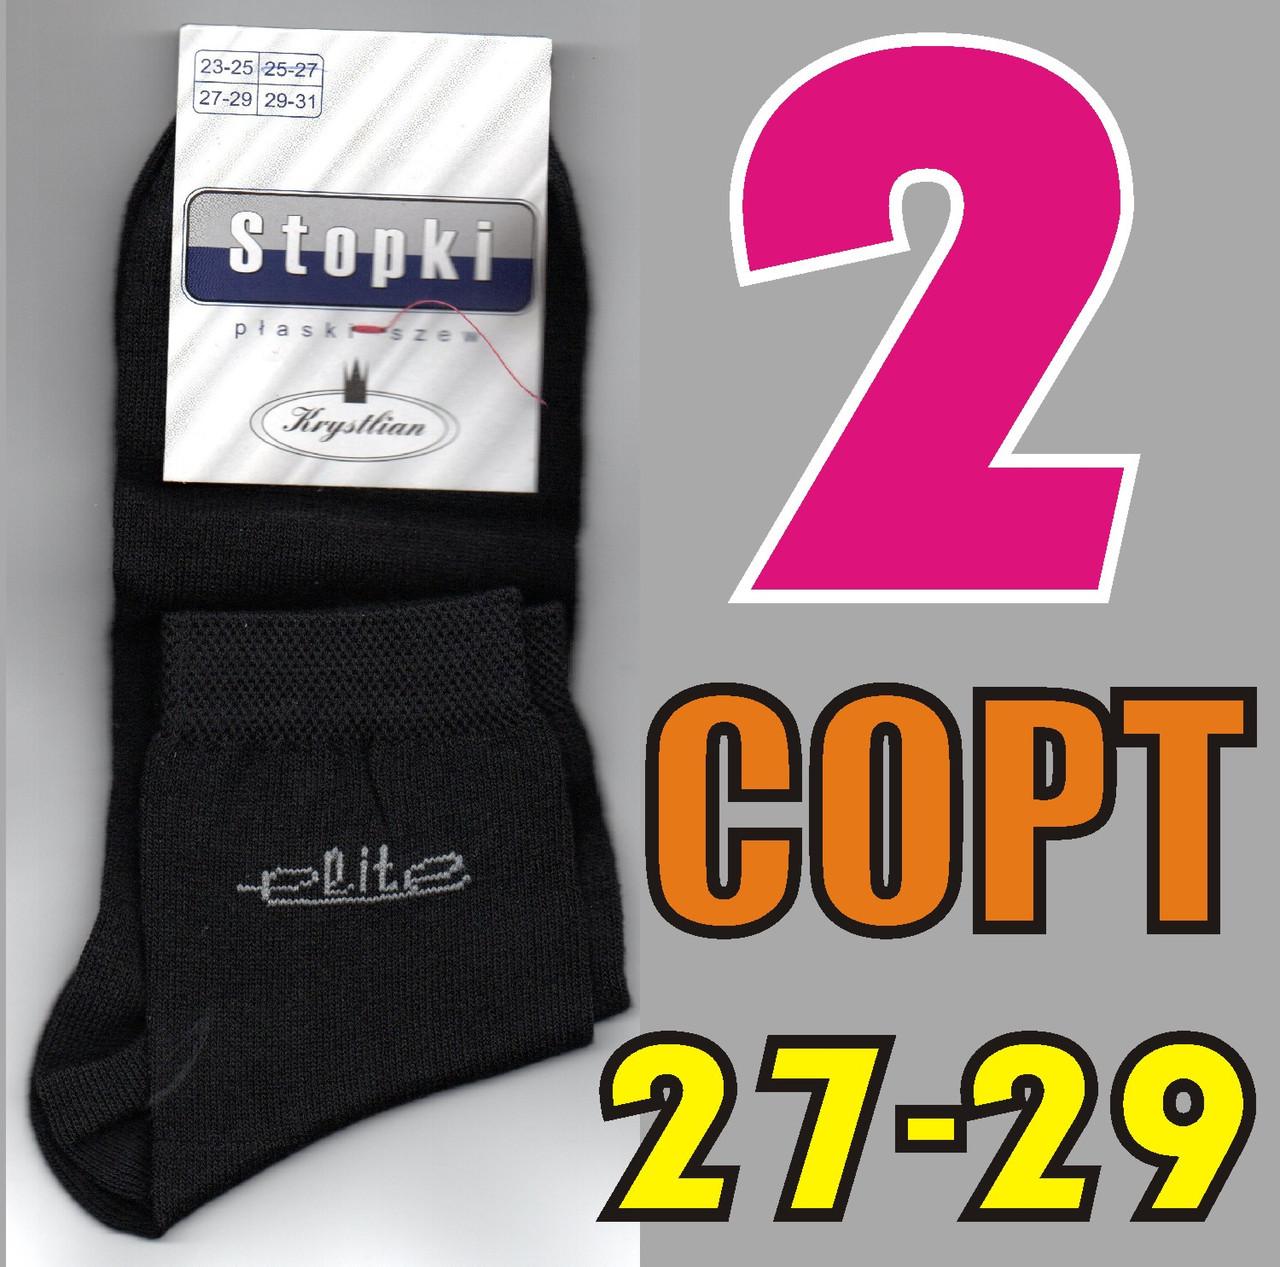 2 сорт демисезонные недорогие мужские носки 27-29 размер чёрные НМД-059004